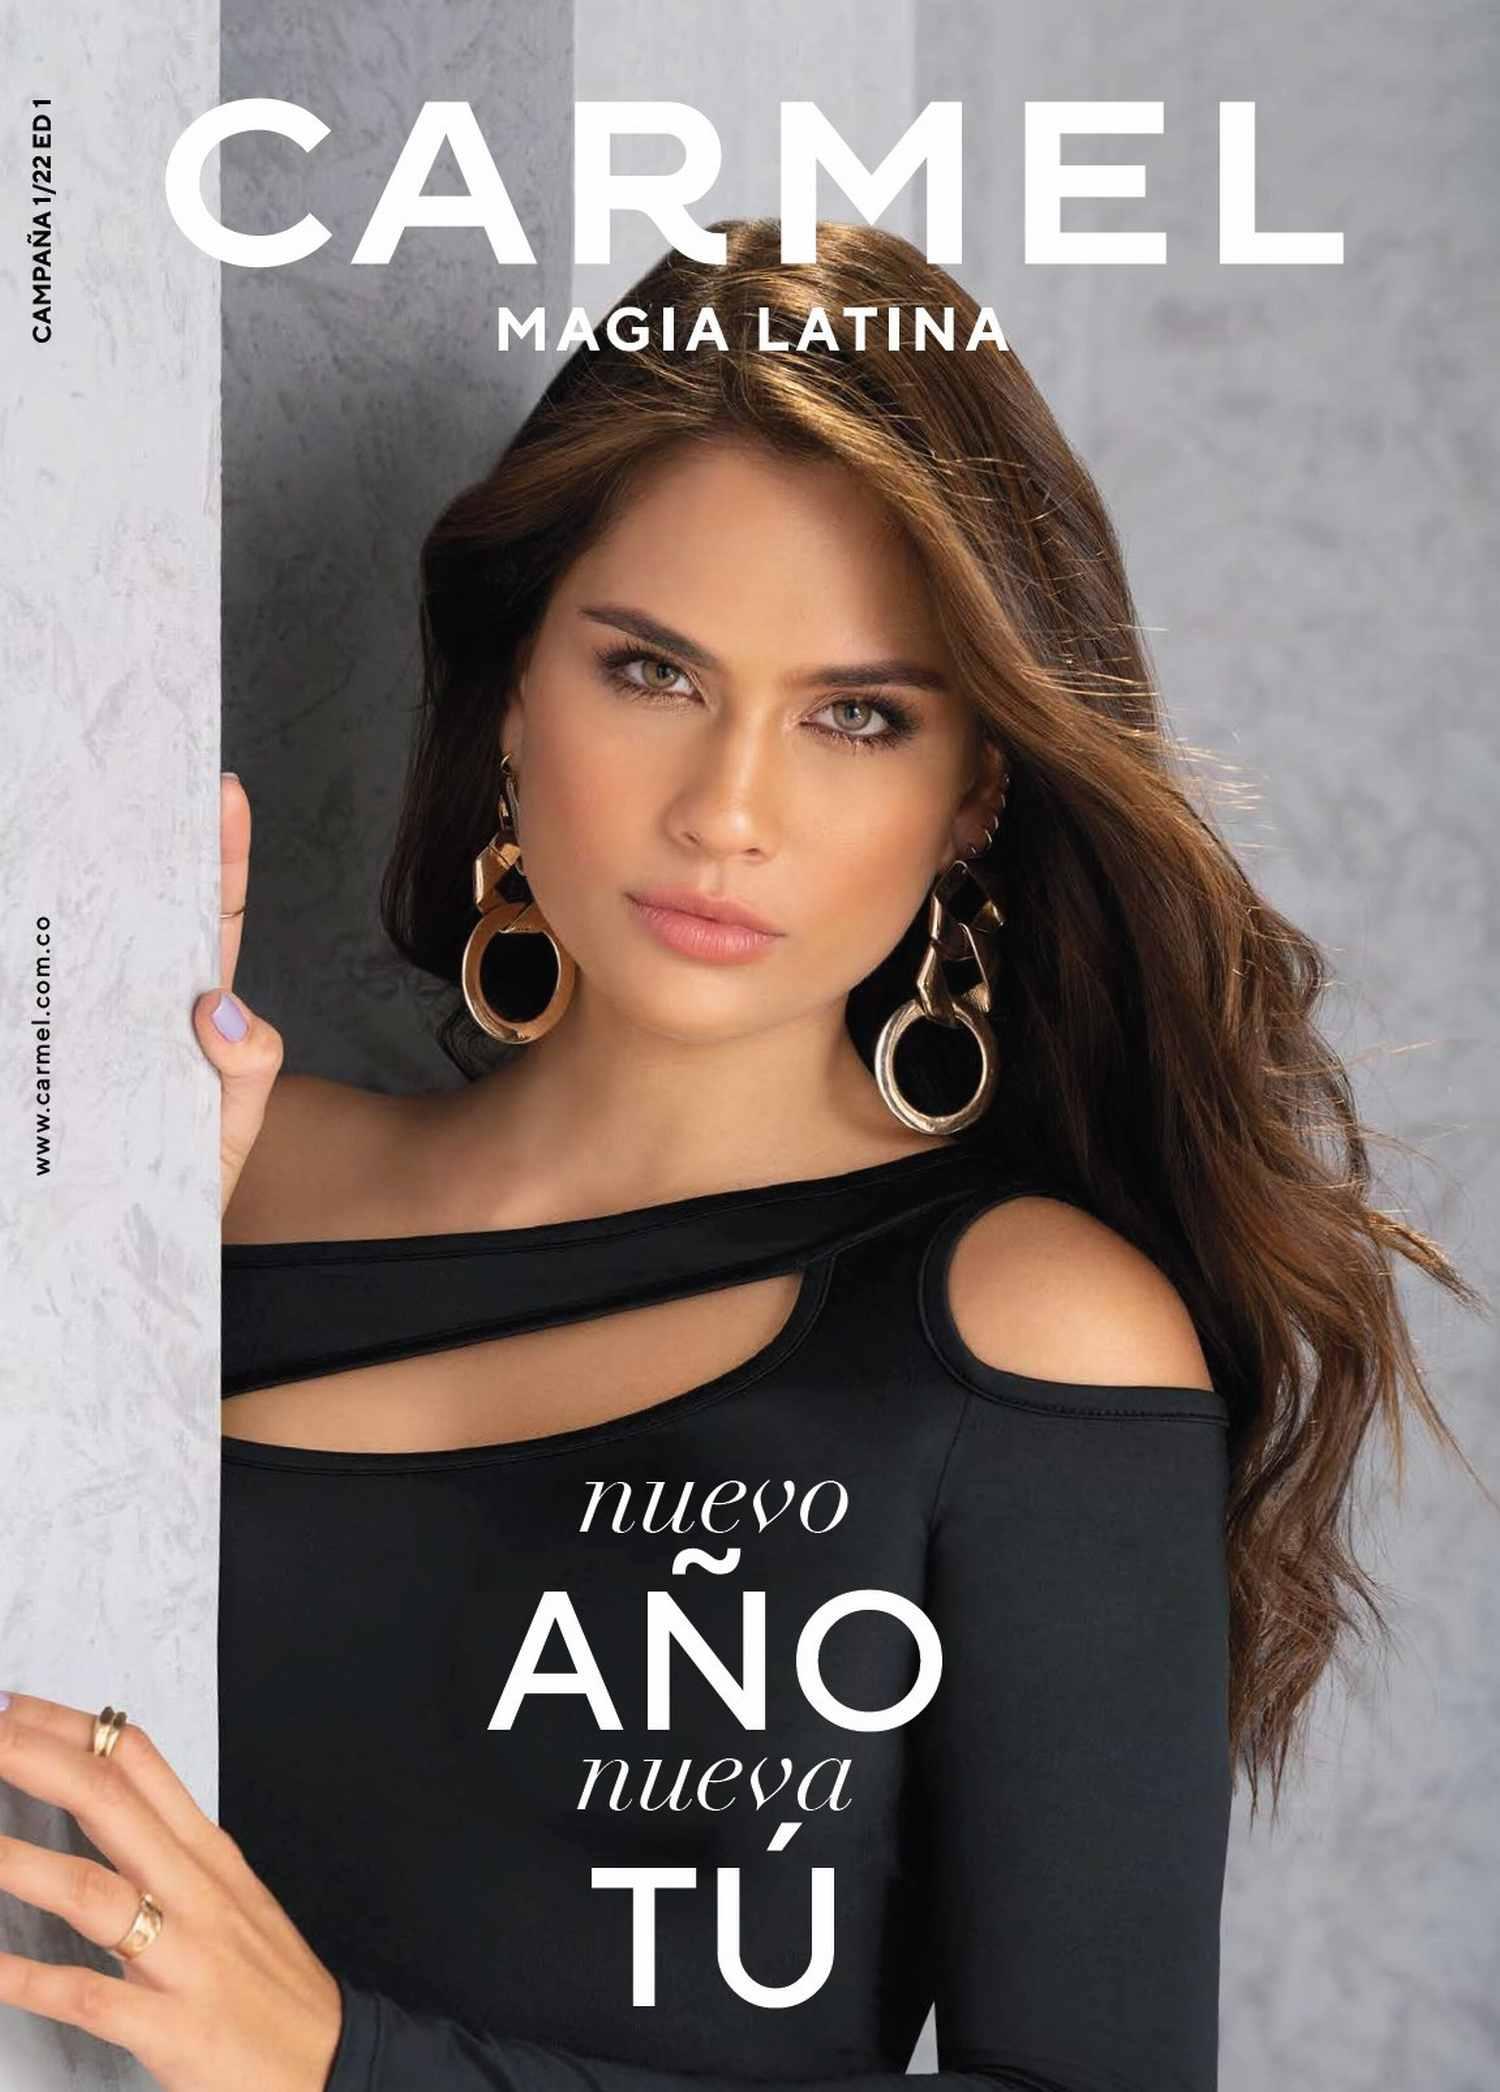 Catalogo Carmel Campaña 1 Ed1 2022 Colombia